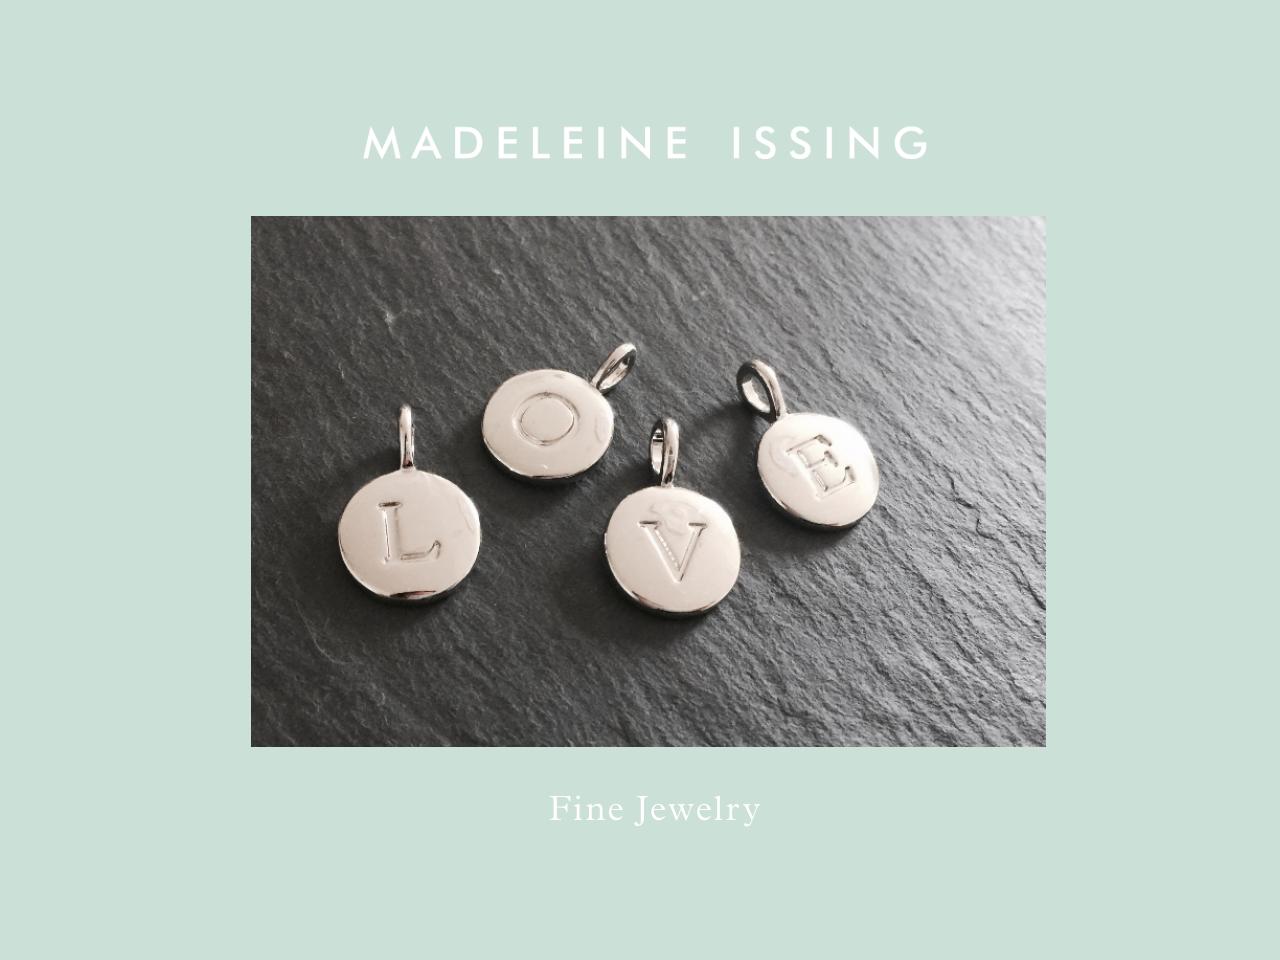 Schmuckbuchstaben Buchstabenanhänger Madeleine Issing